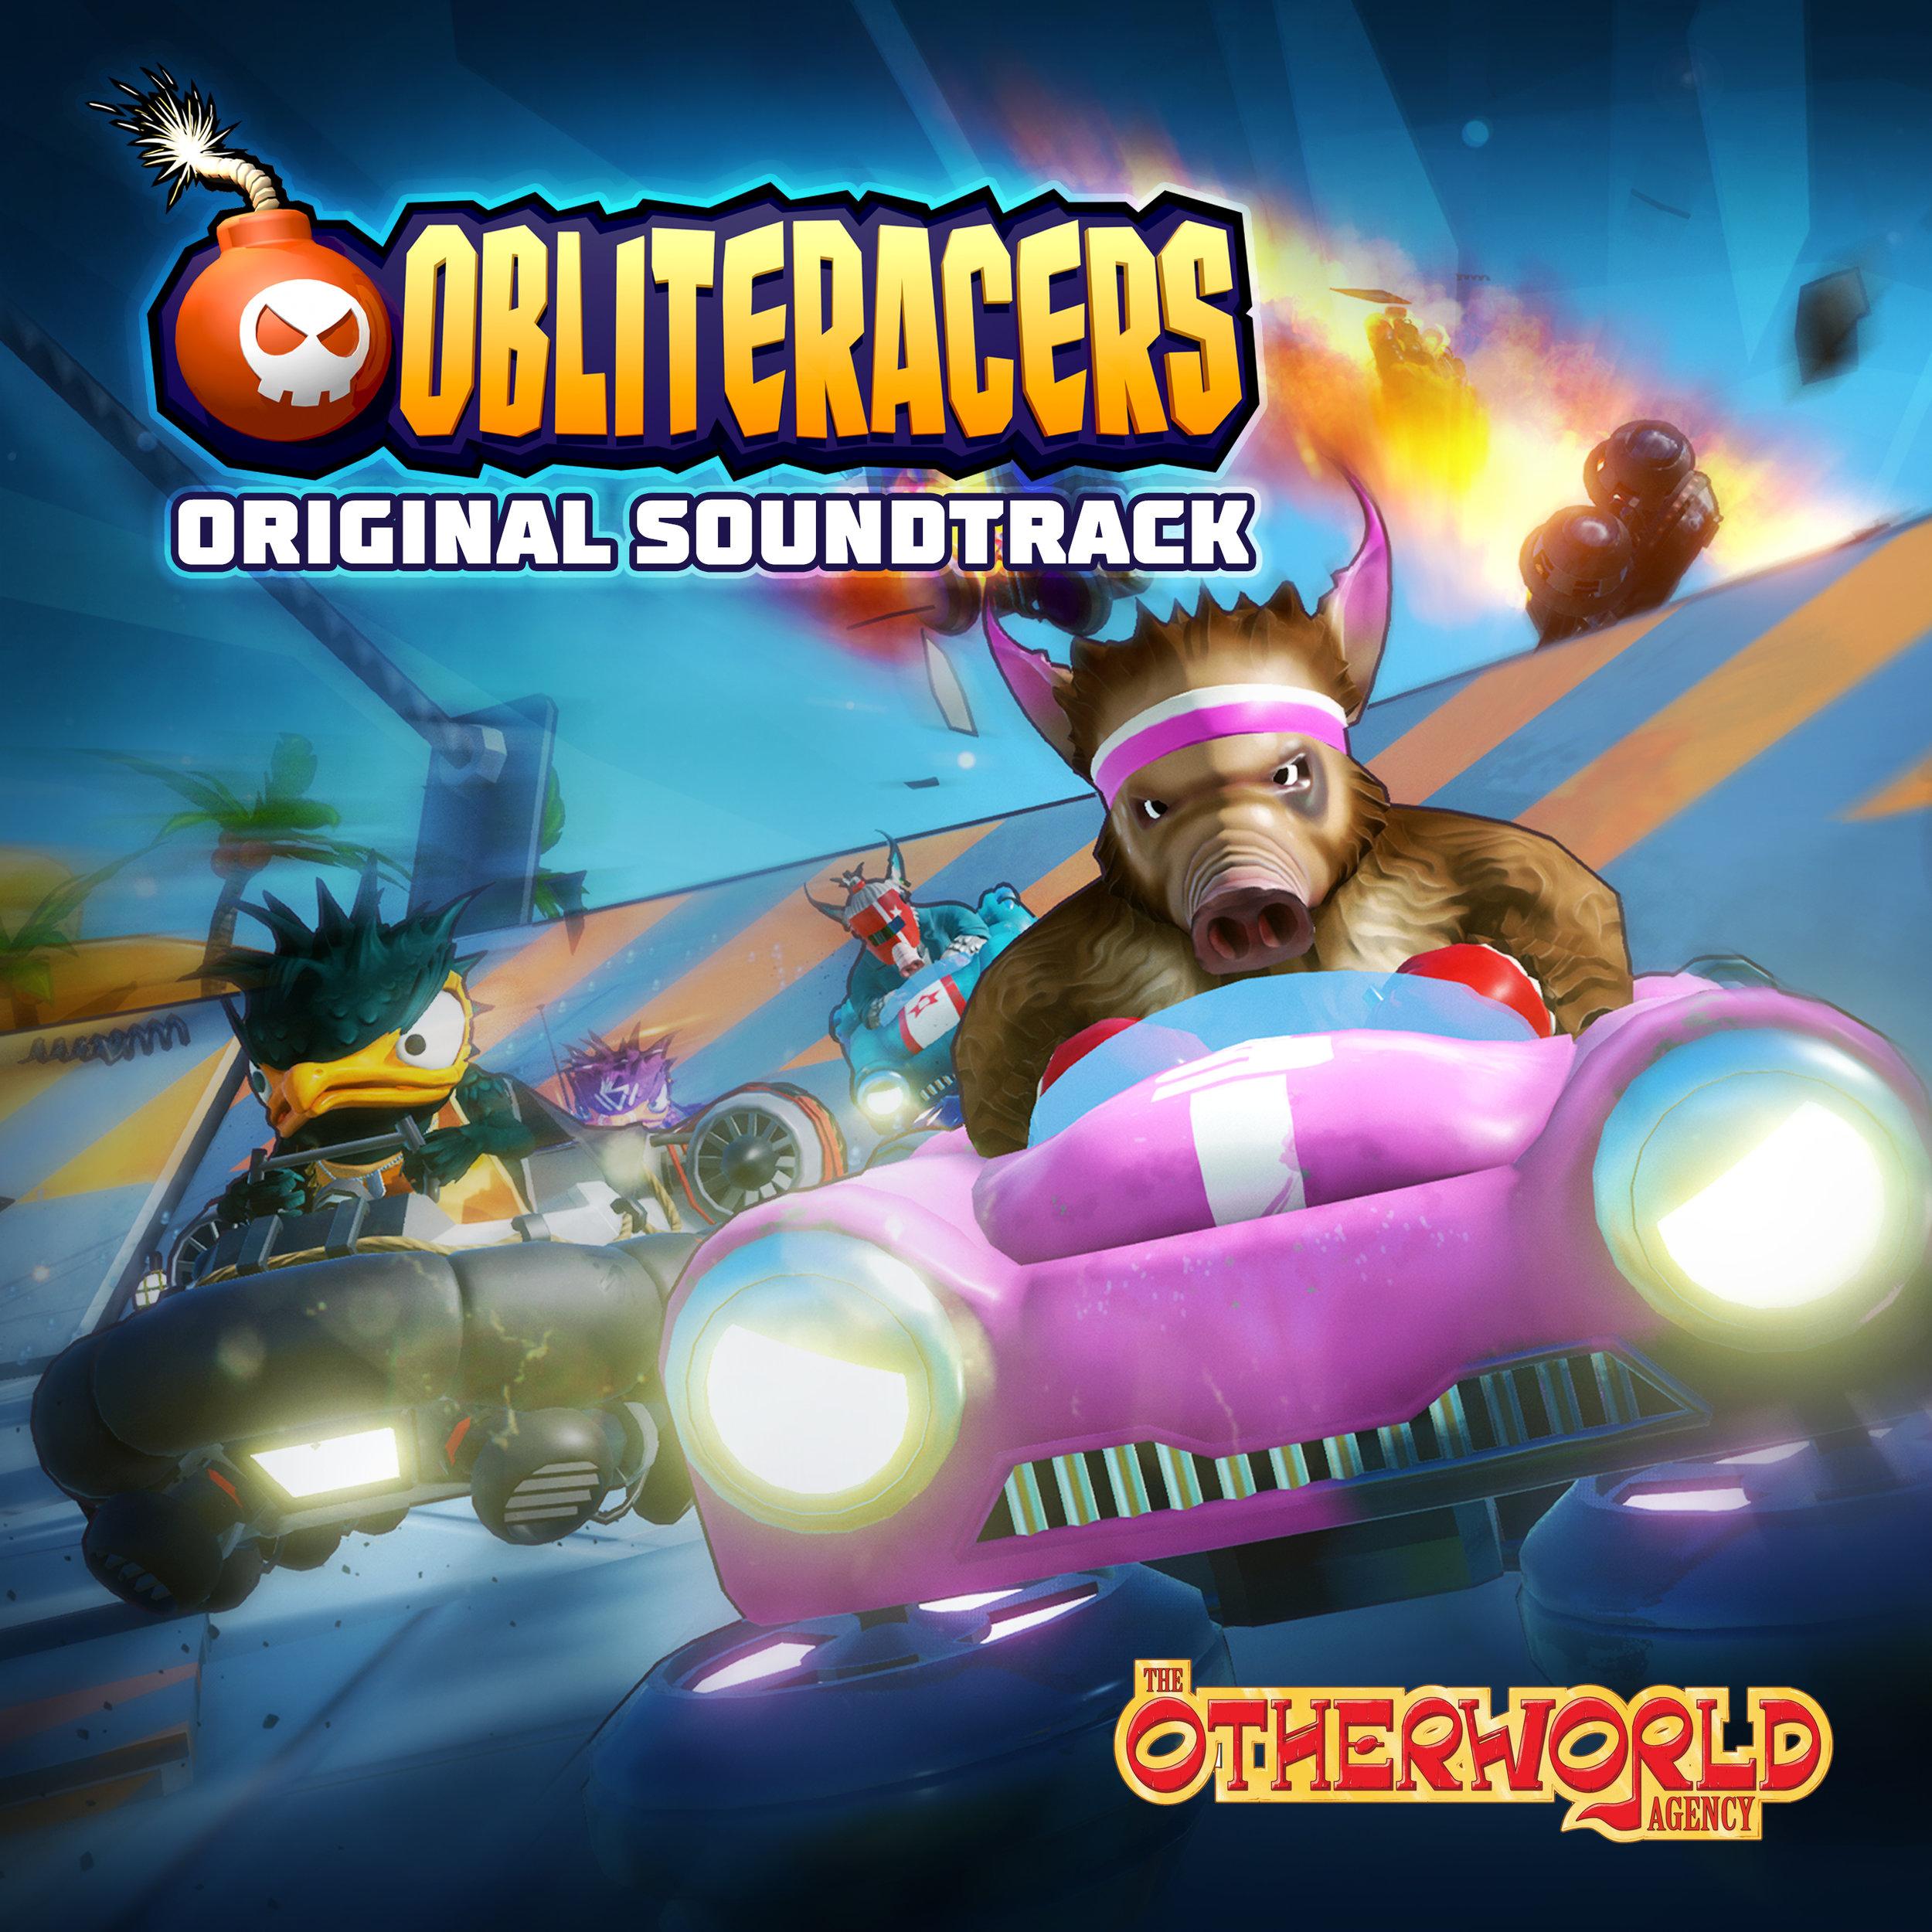 OBLITERACERS_Soundtrack_Cover.jpg